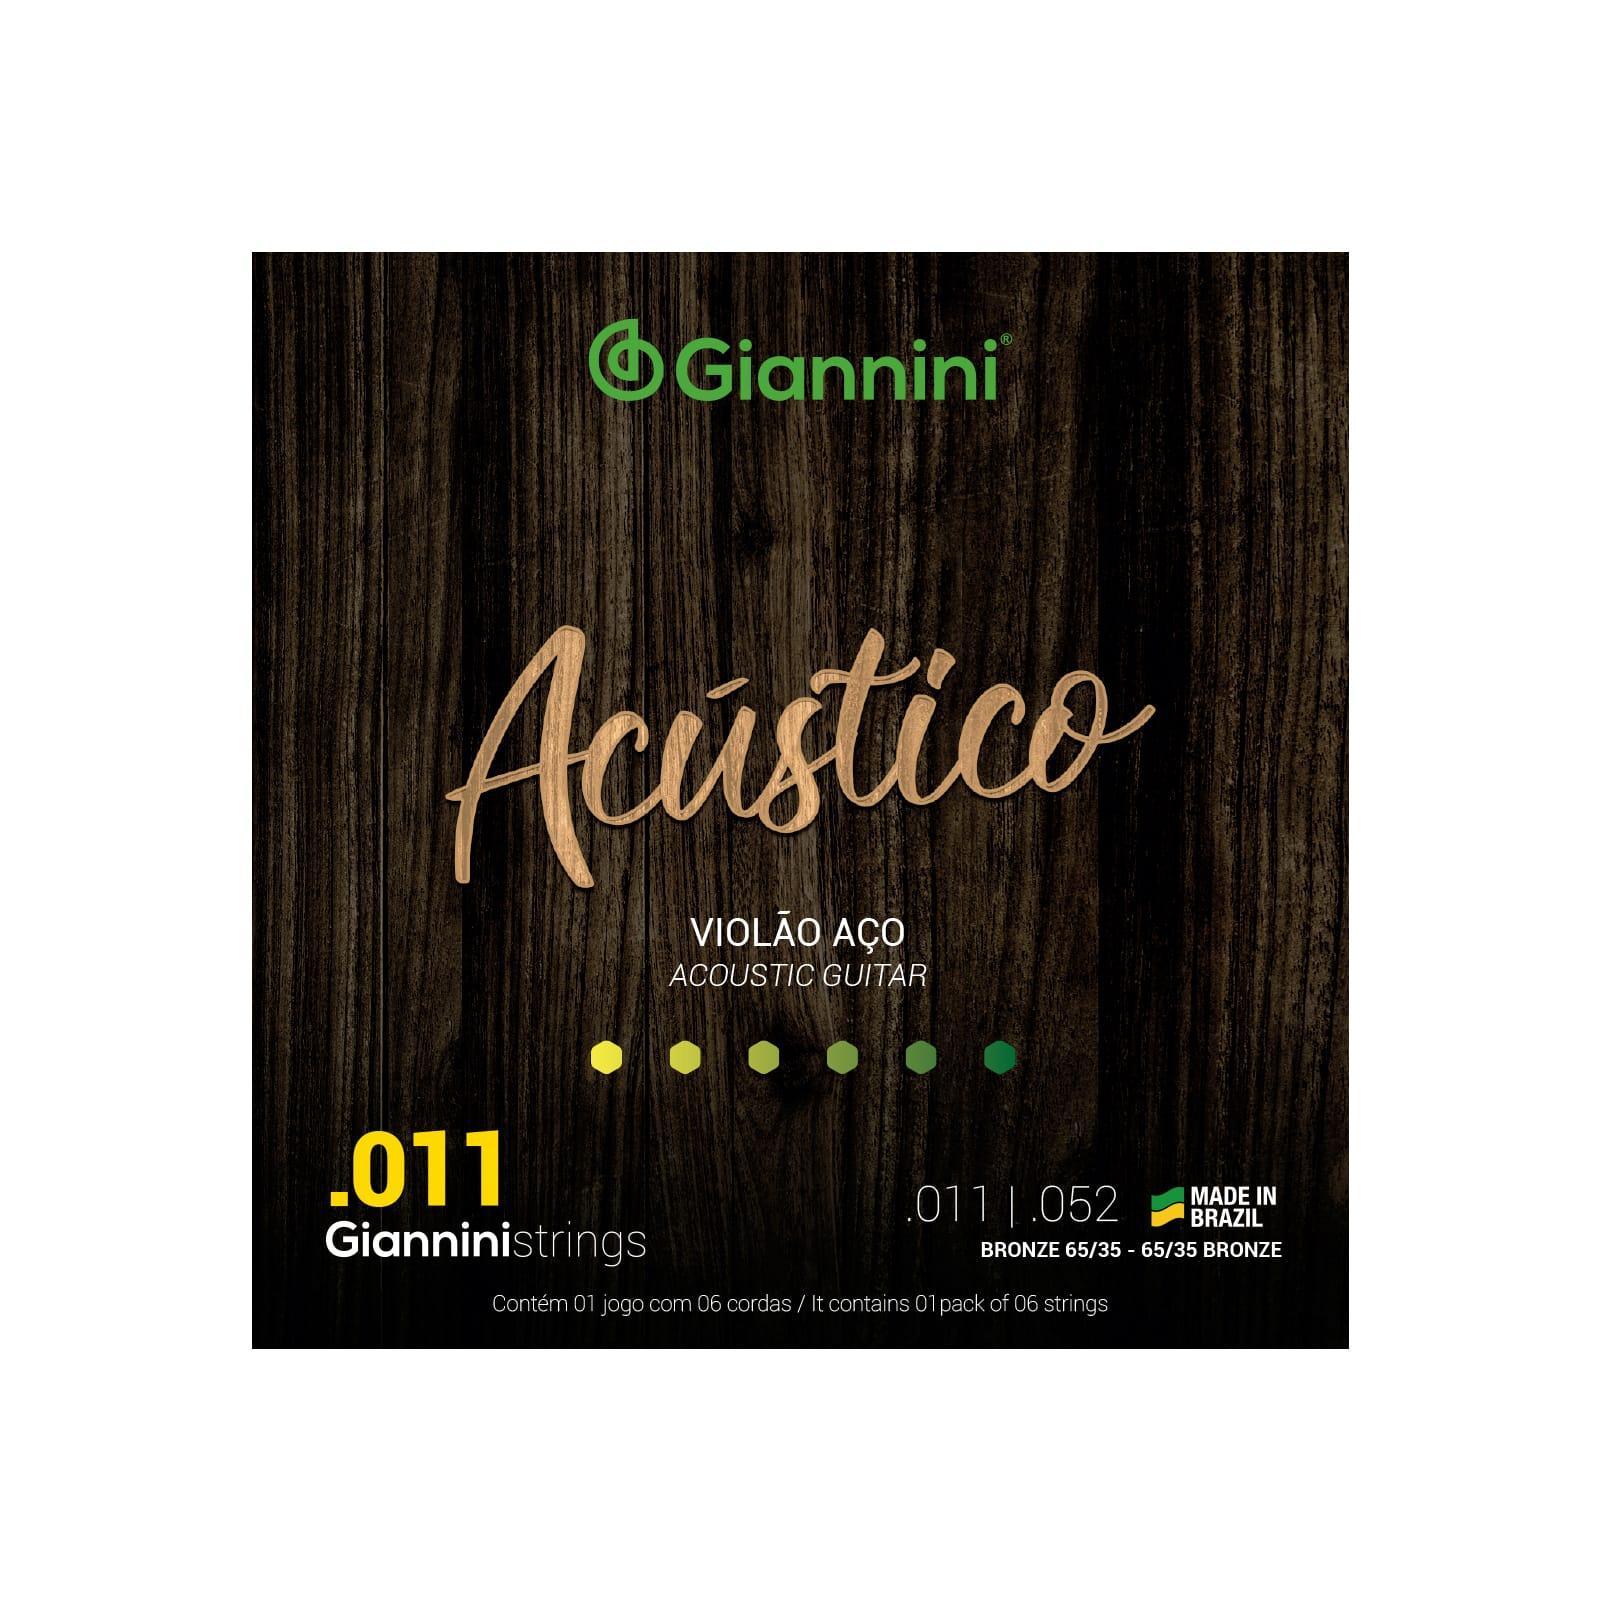 Encordoamento Giannini para Violão Aço 6 cordas Acústico Bronze 65/35 GESPW (.011 – .052)